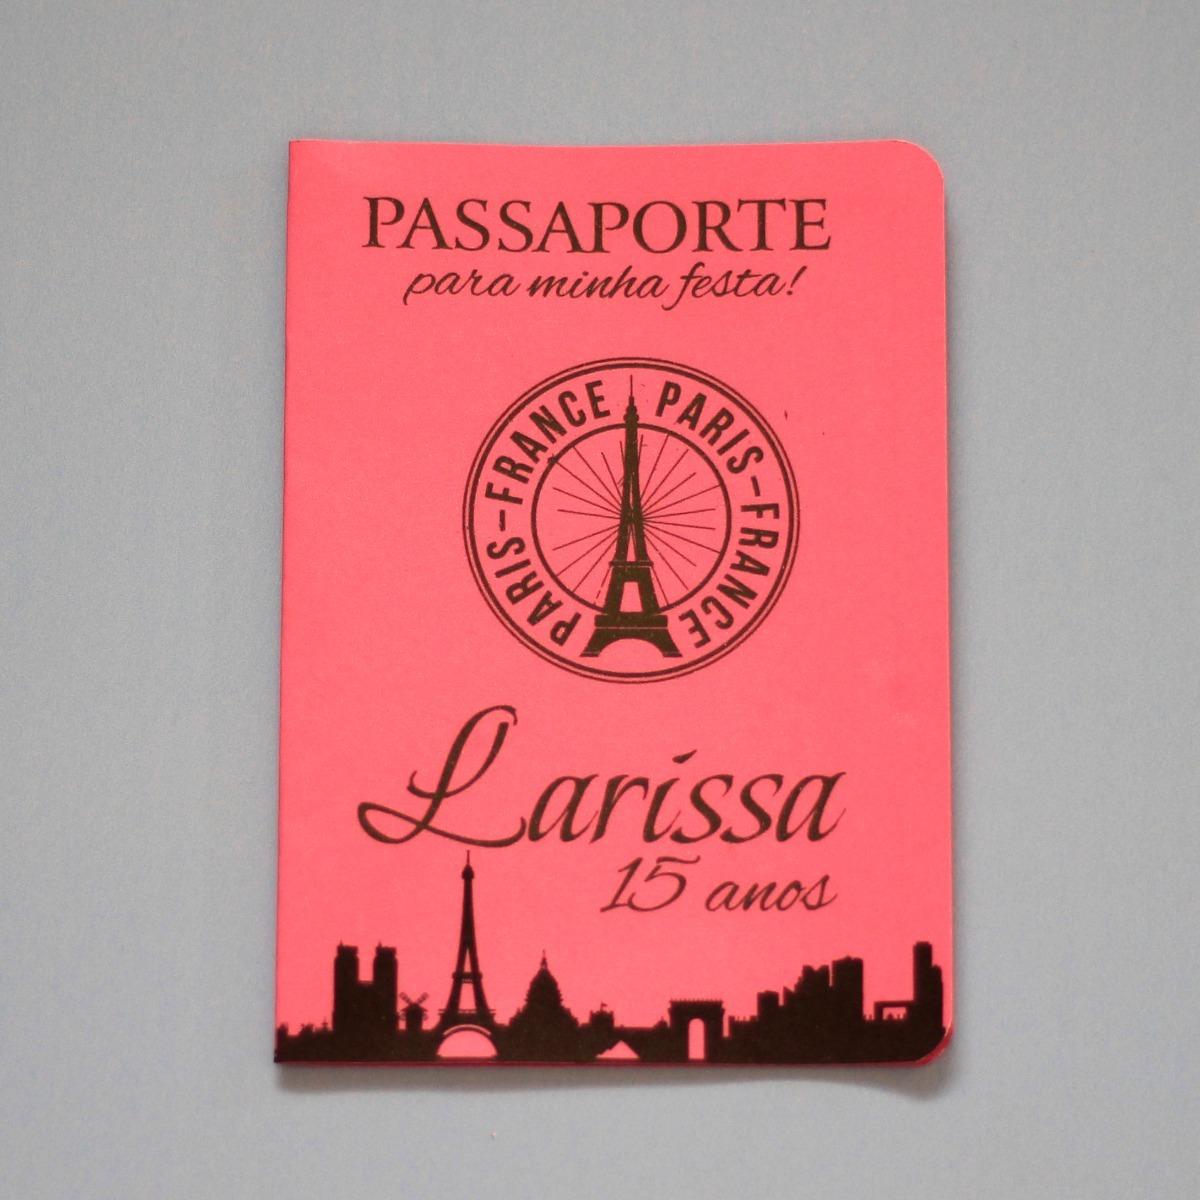 35 Convites Passaporte Rosa Preto Bebe Barato Pink Cores R 68